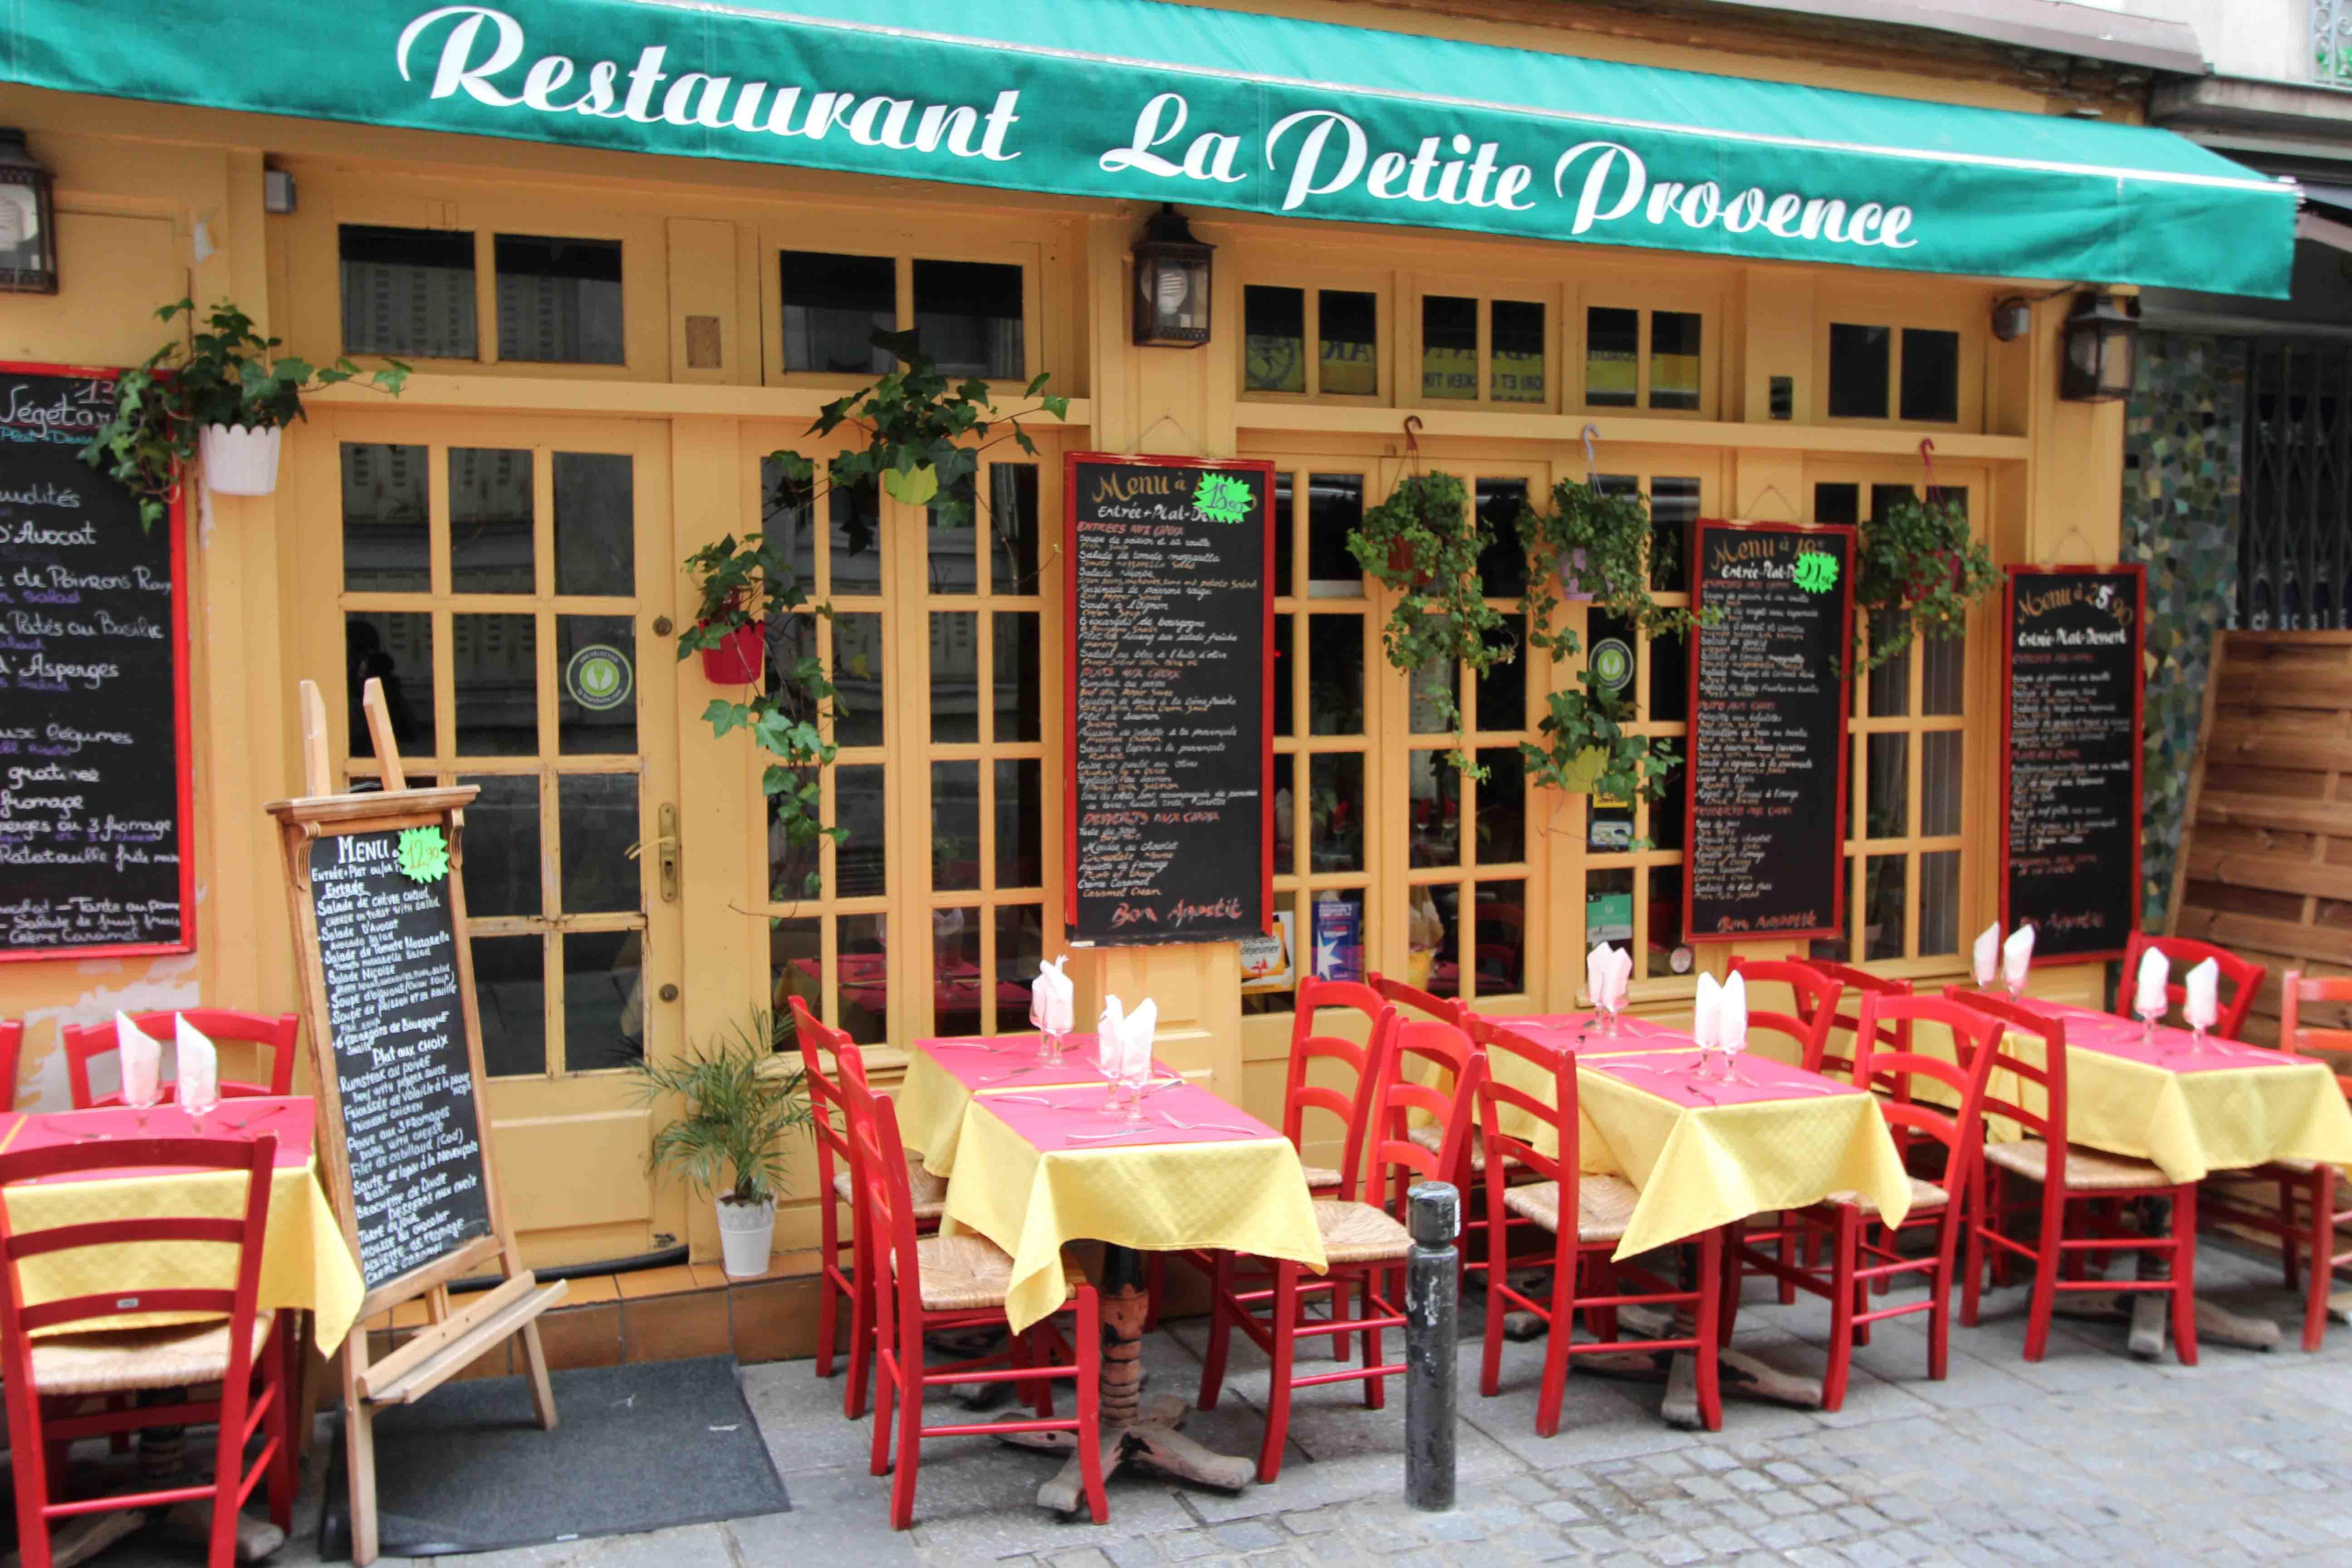 Kuchnia Francuska Czyli Jak Apetyt Rośnie W Miarę Patrzenia